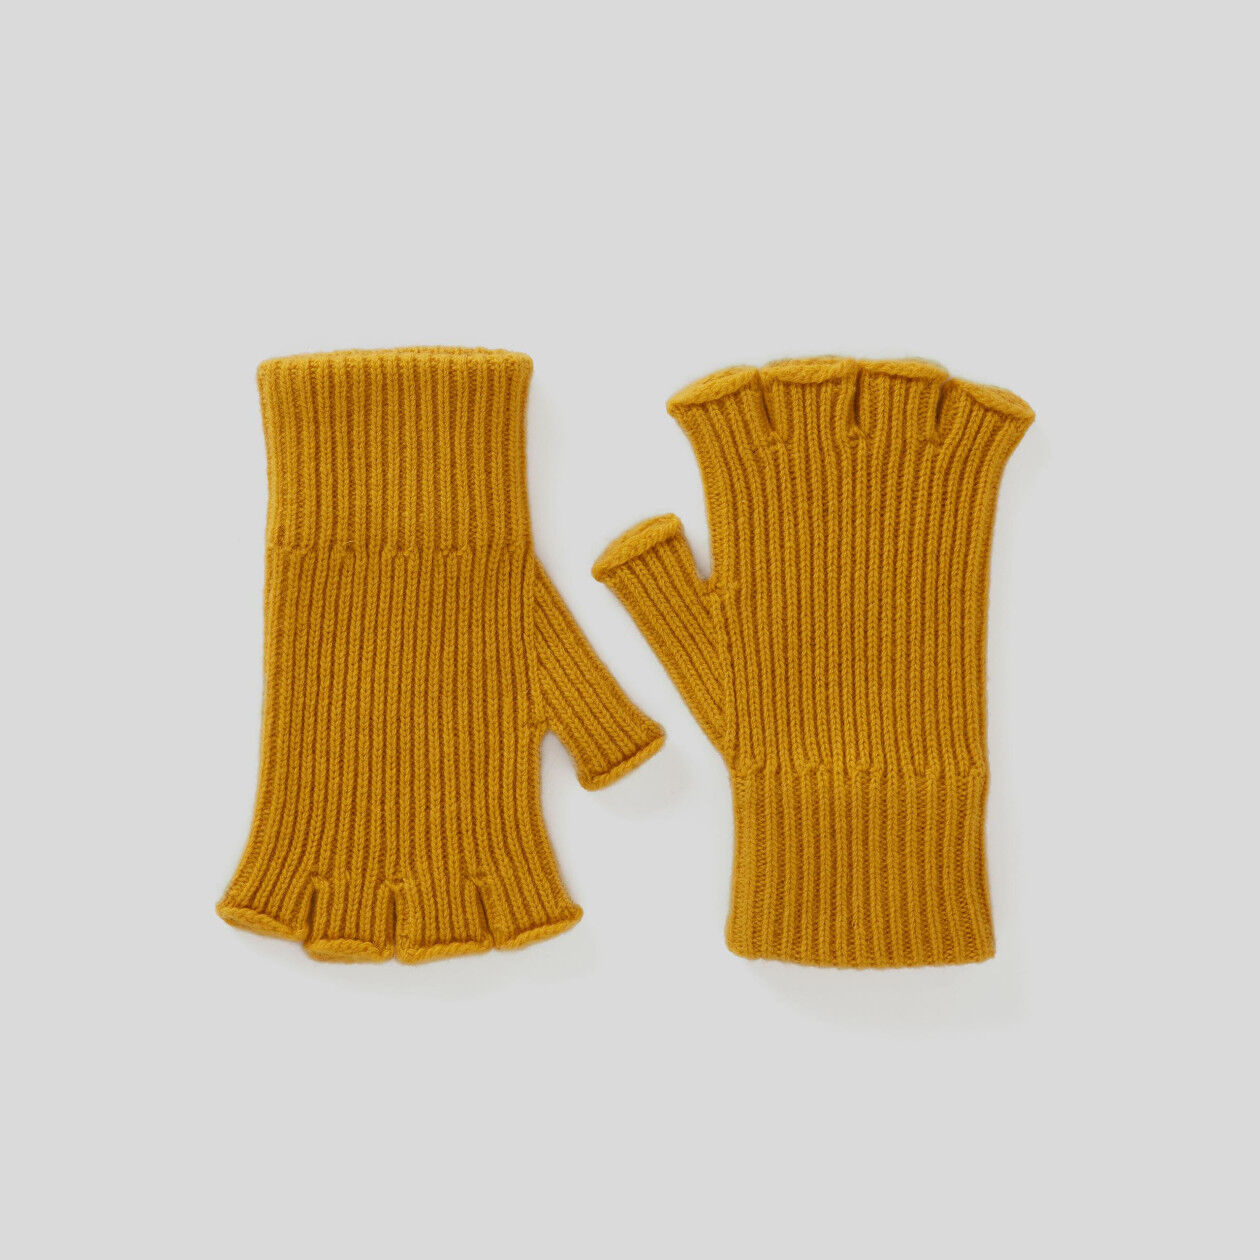 Ribbed knit fingerless gloves